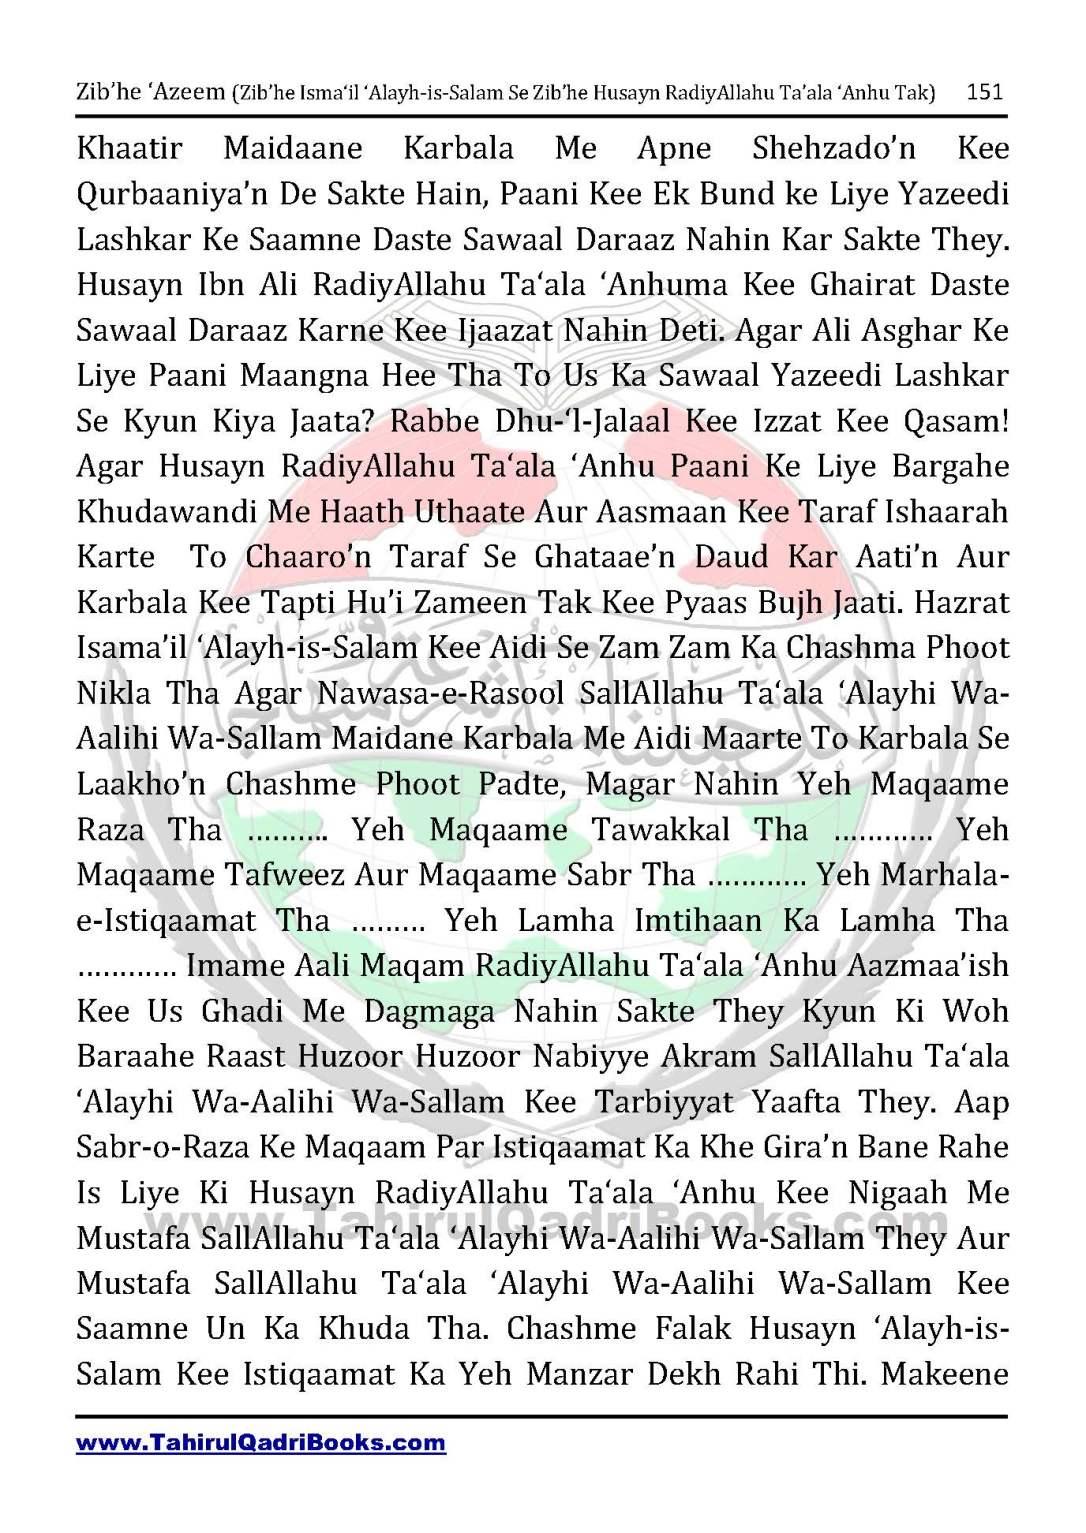 zib_he-e28098azeem-zib_he-ismacabbil-se-zib_he-husayn-tak-in-roman-urdu-unlocked_Page_151